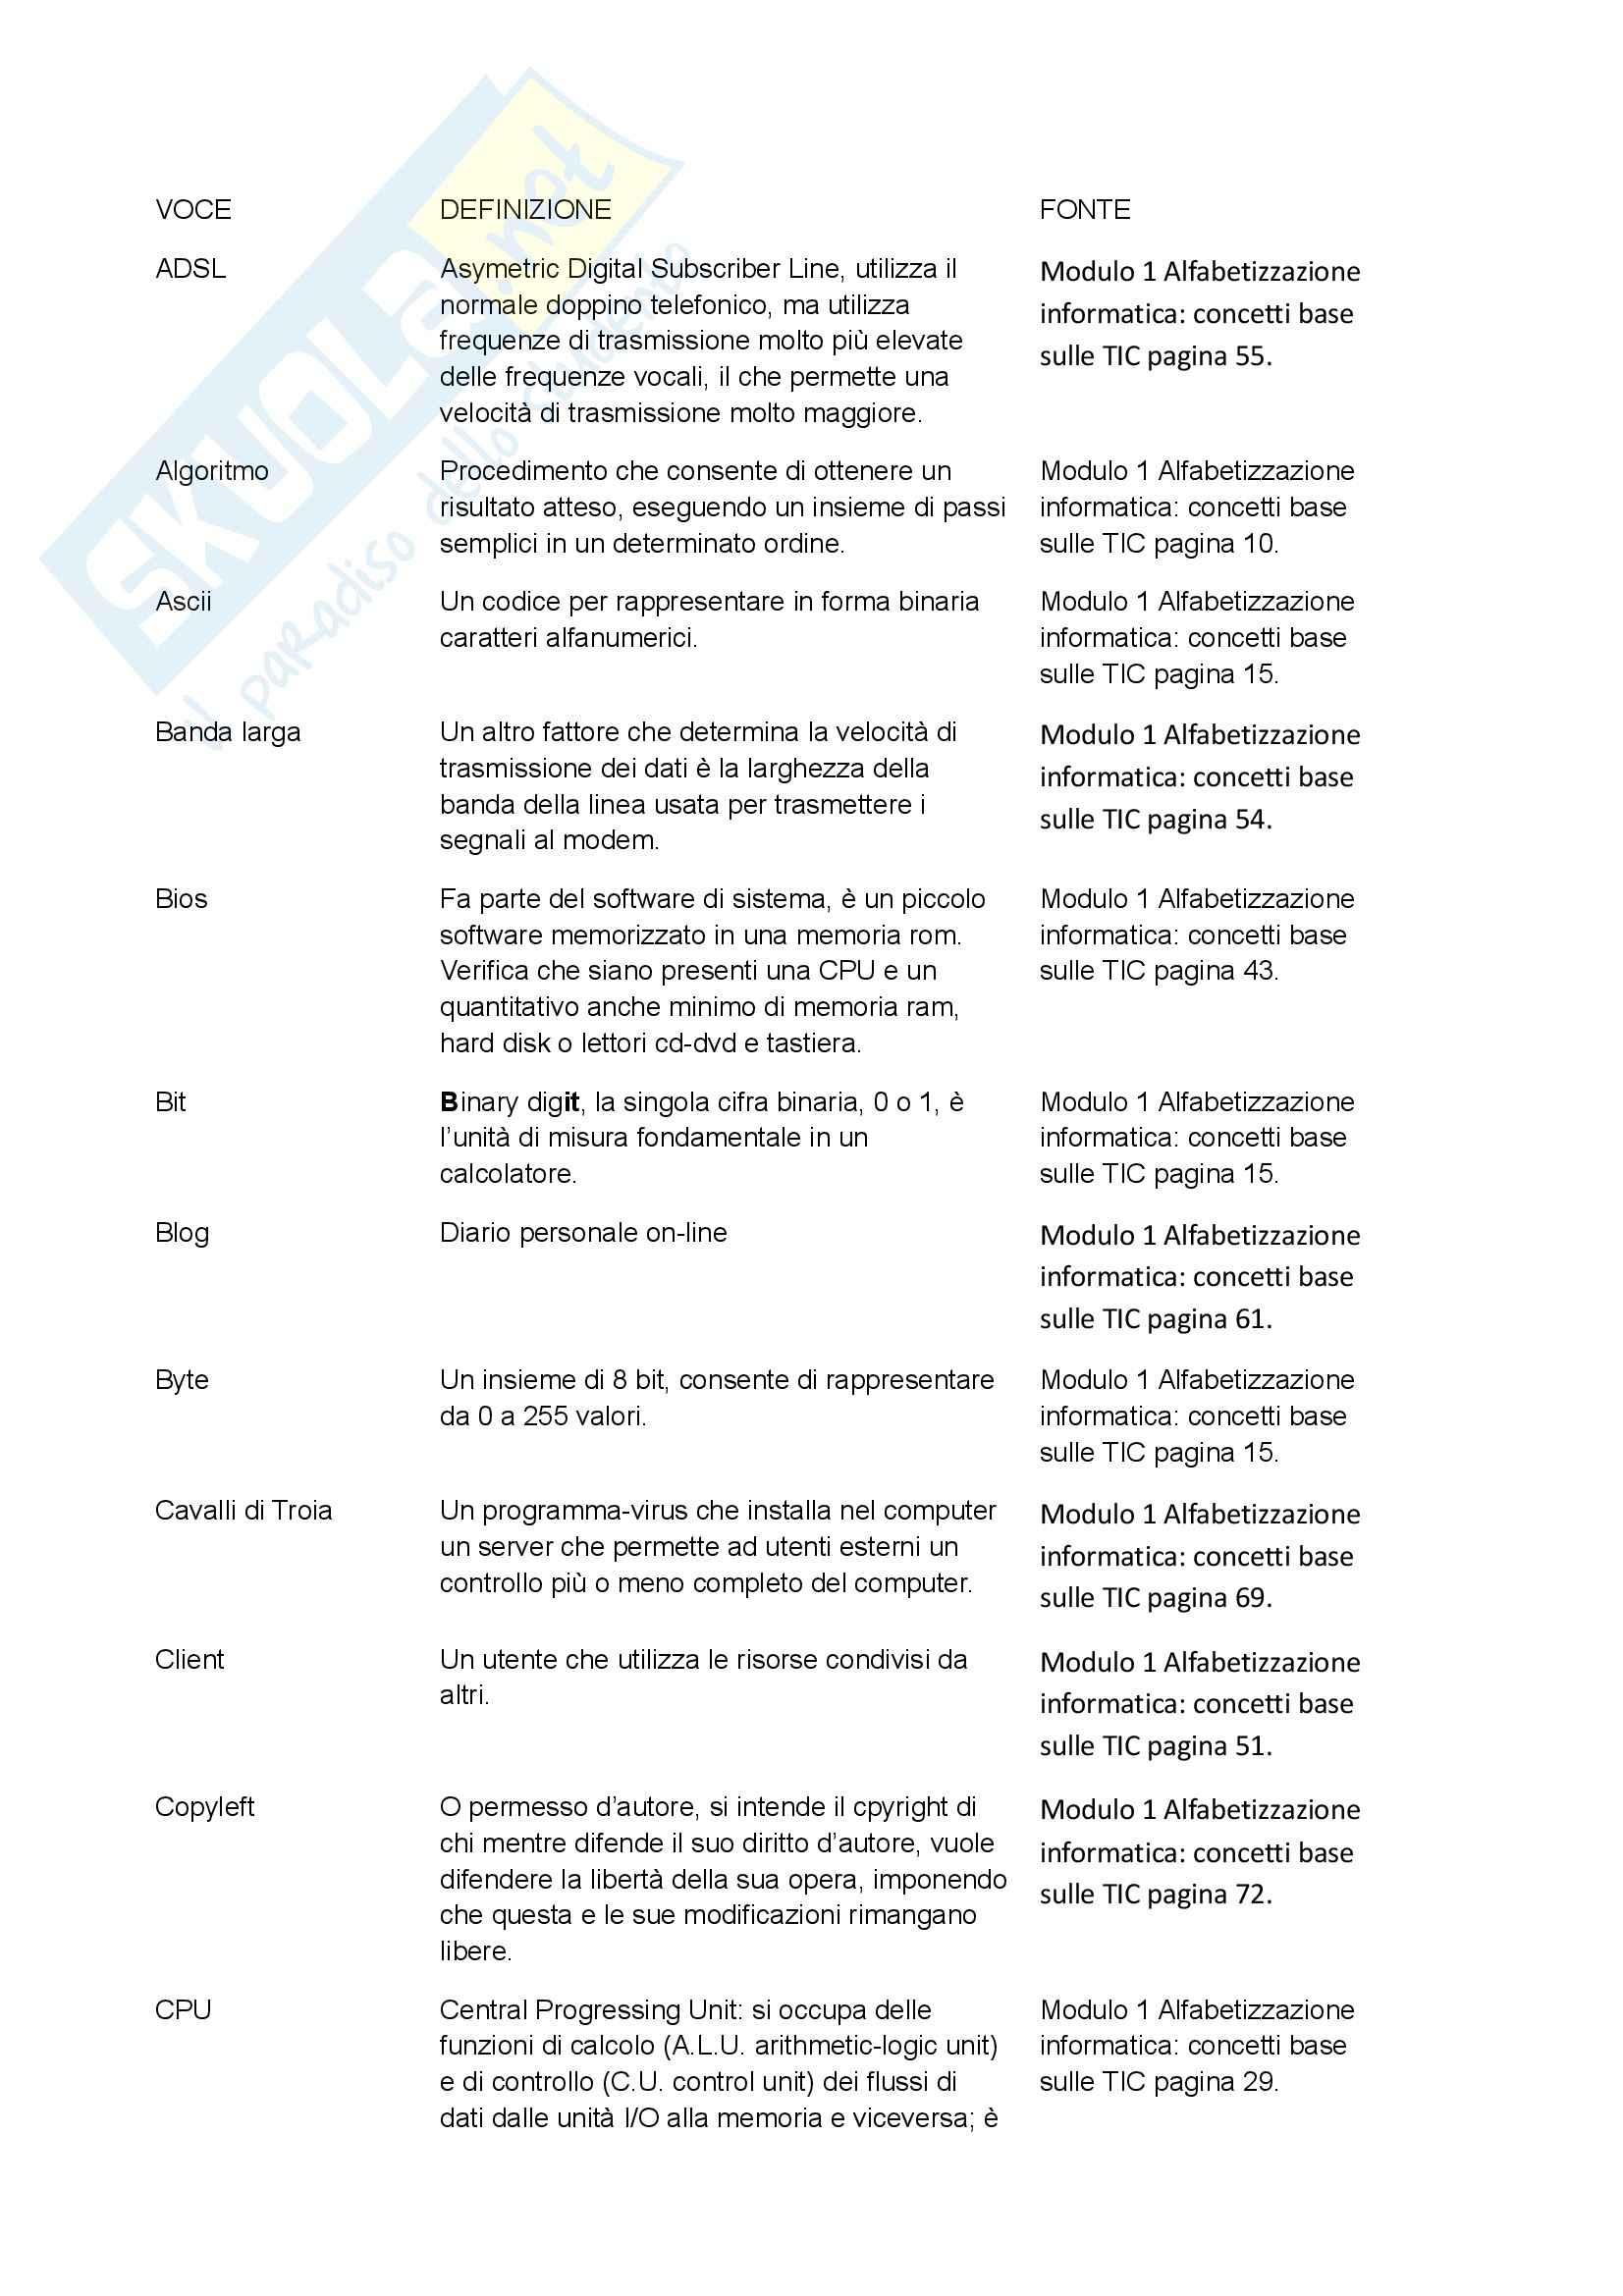 Fondamenti di Informatica - glossario